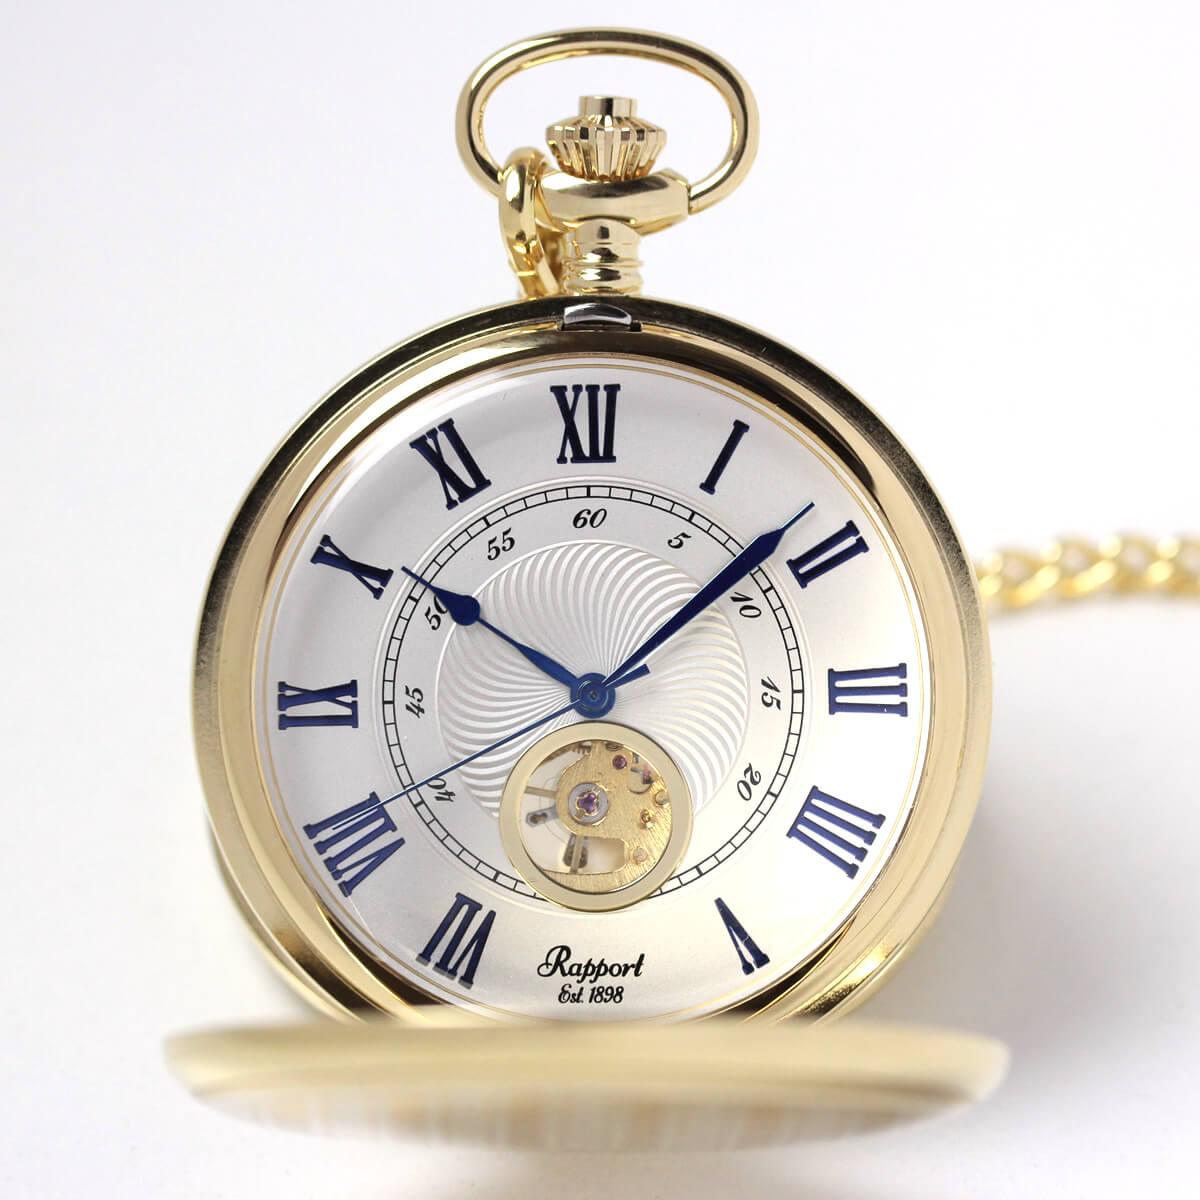 イギリスブランド rapport(ラポート) 懐中時計 pw98 ゴールドカラーの両蓋開きモデル